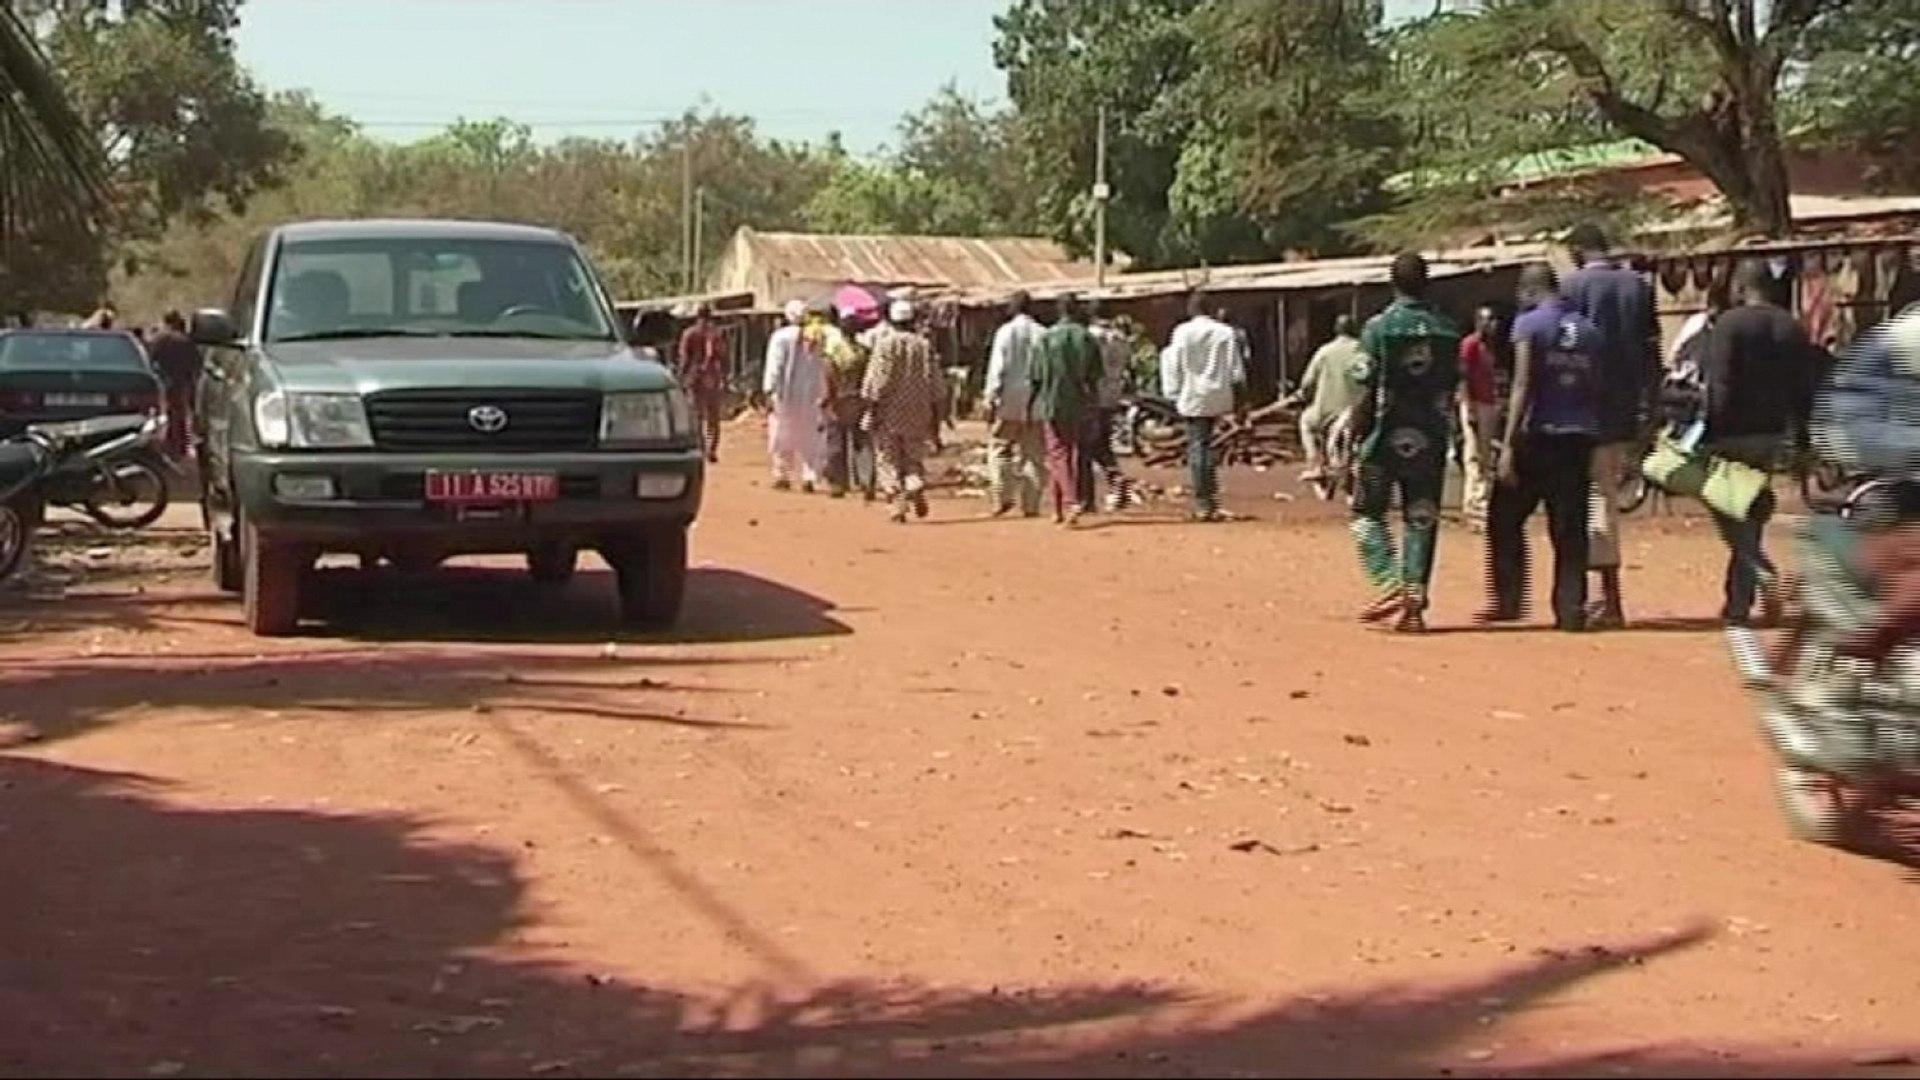 Burkina faso, Attaque d'un dépôt d'armes